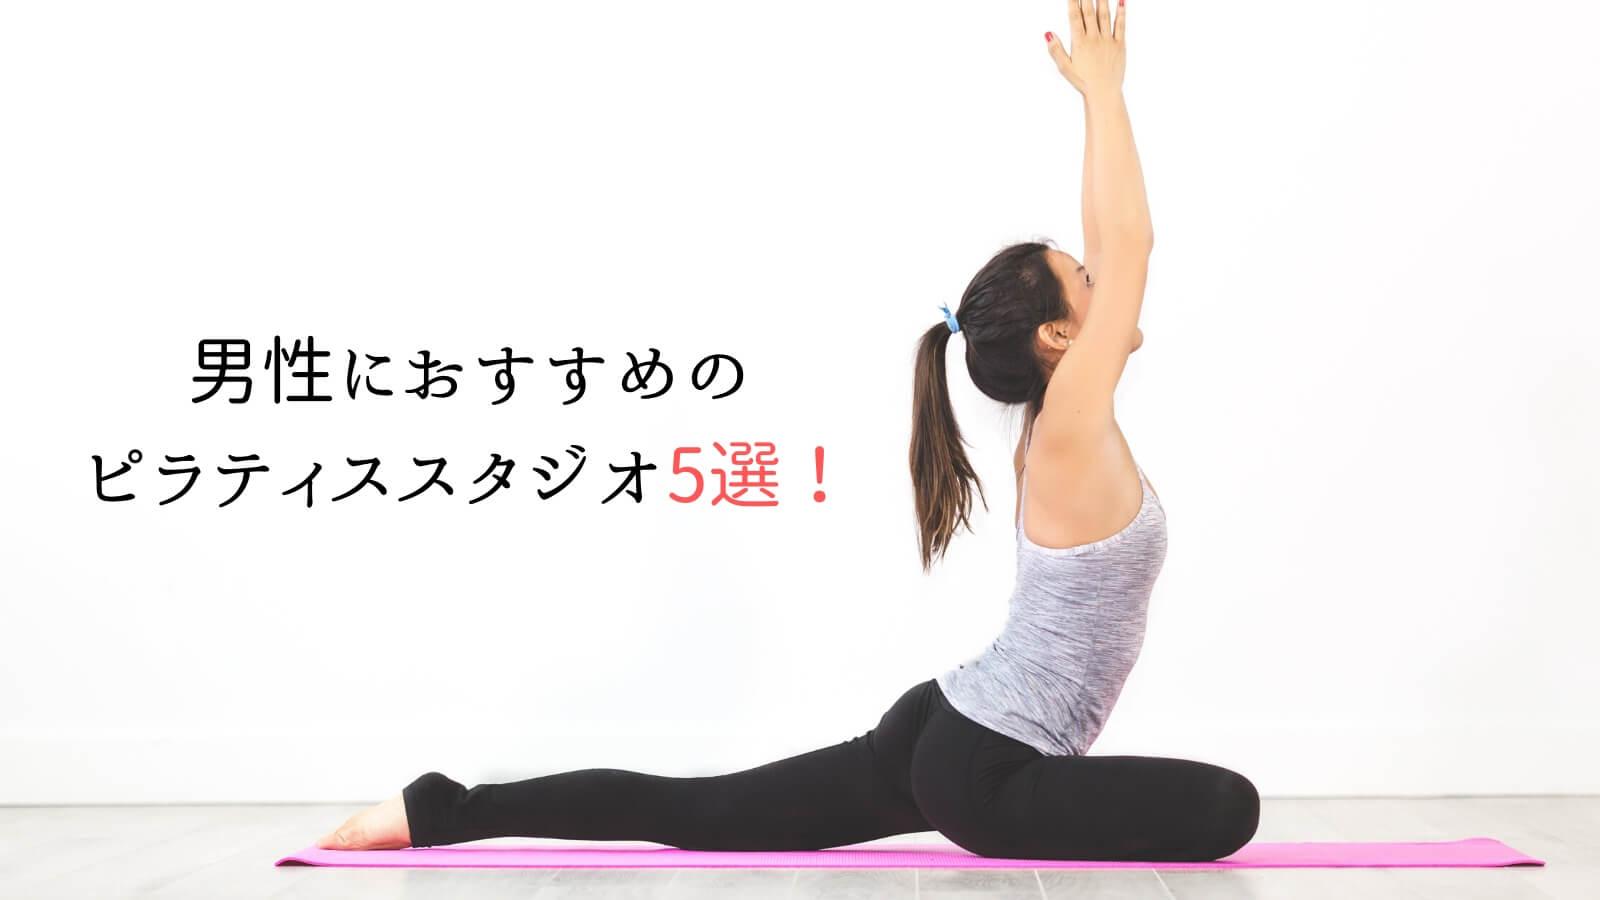 男性におすすめのピラティススタジオ5選!